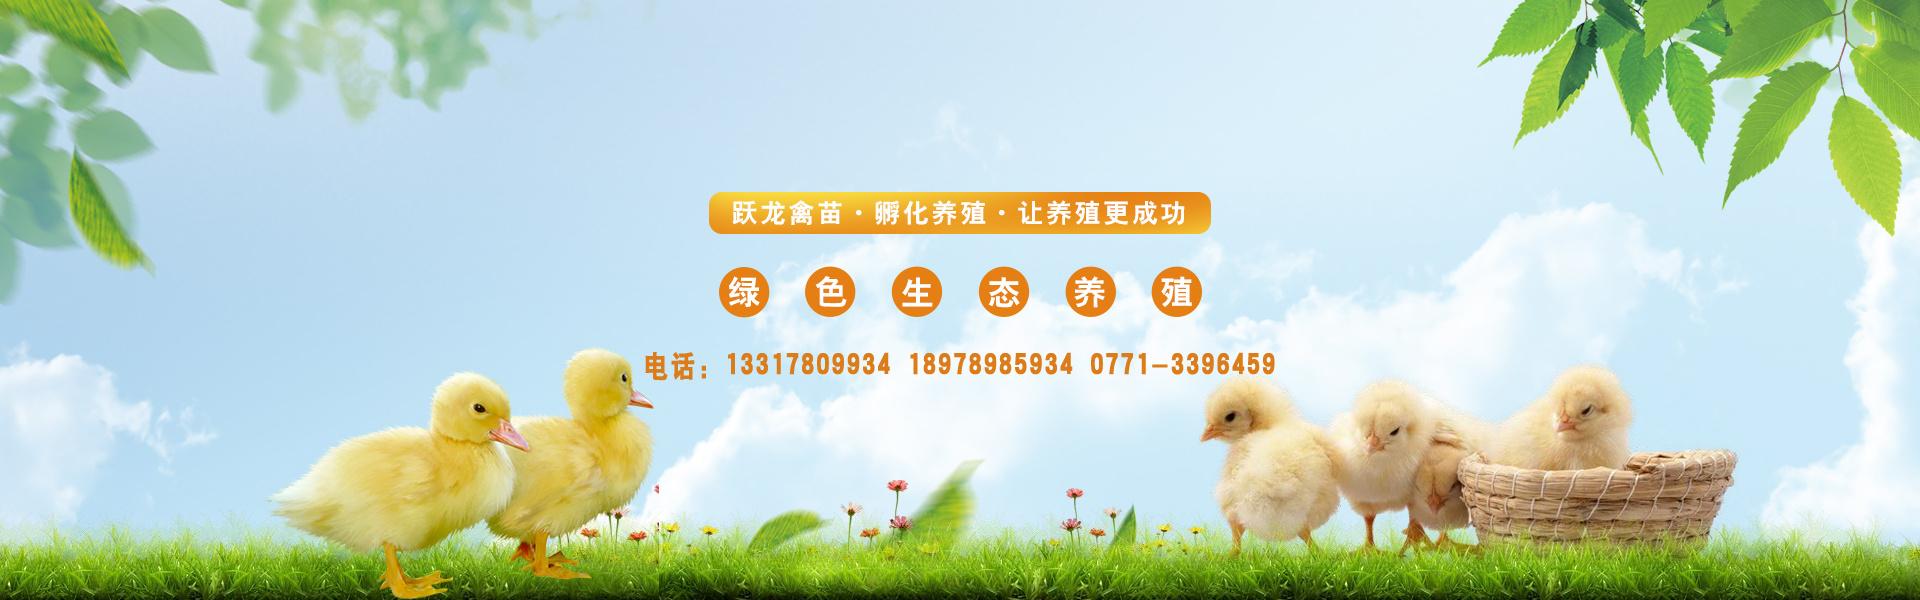 贵州鸡鸭养殖技术-广西跃龙禽苗孵化有限公司基地